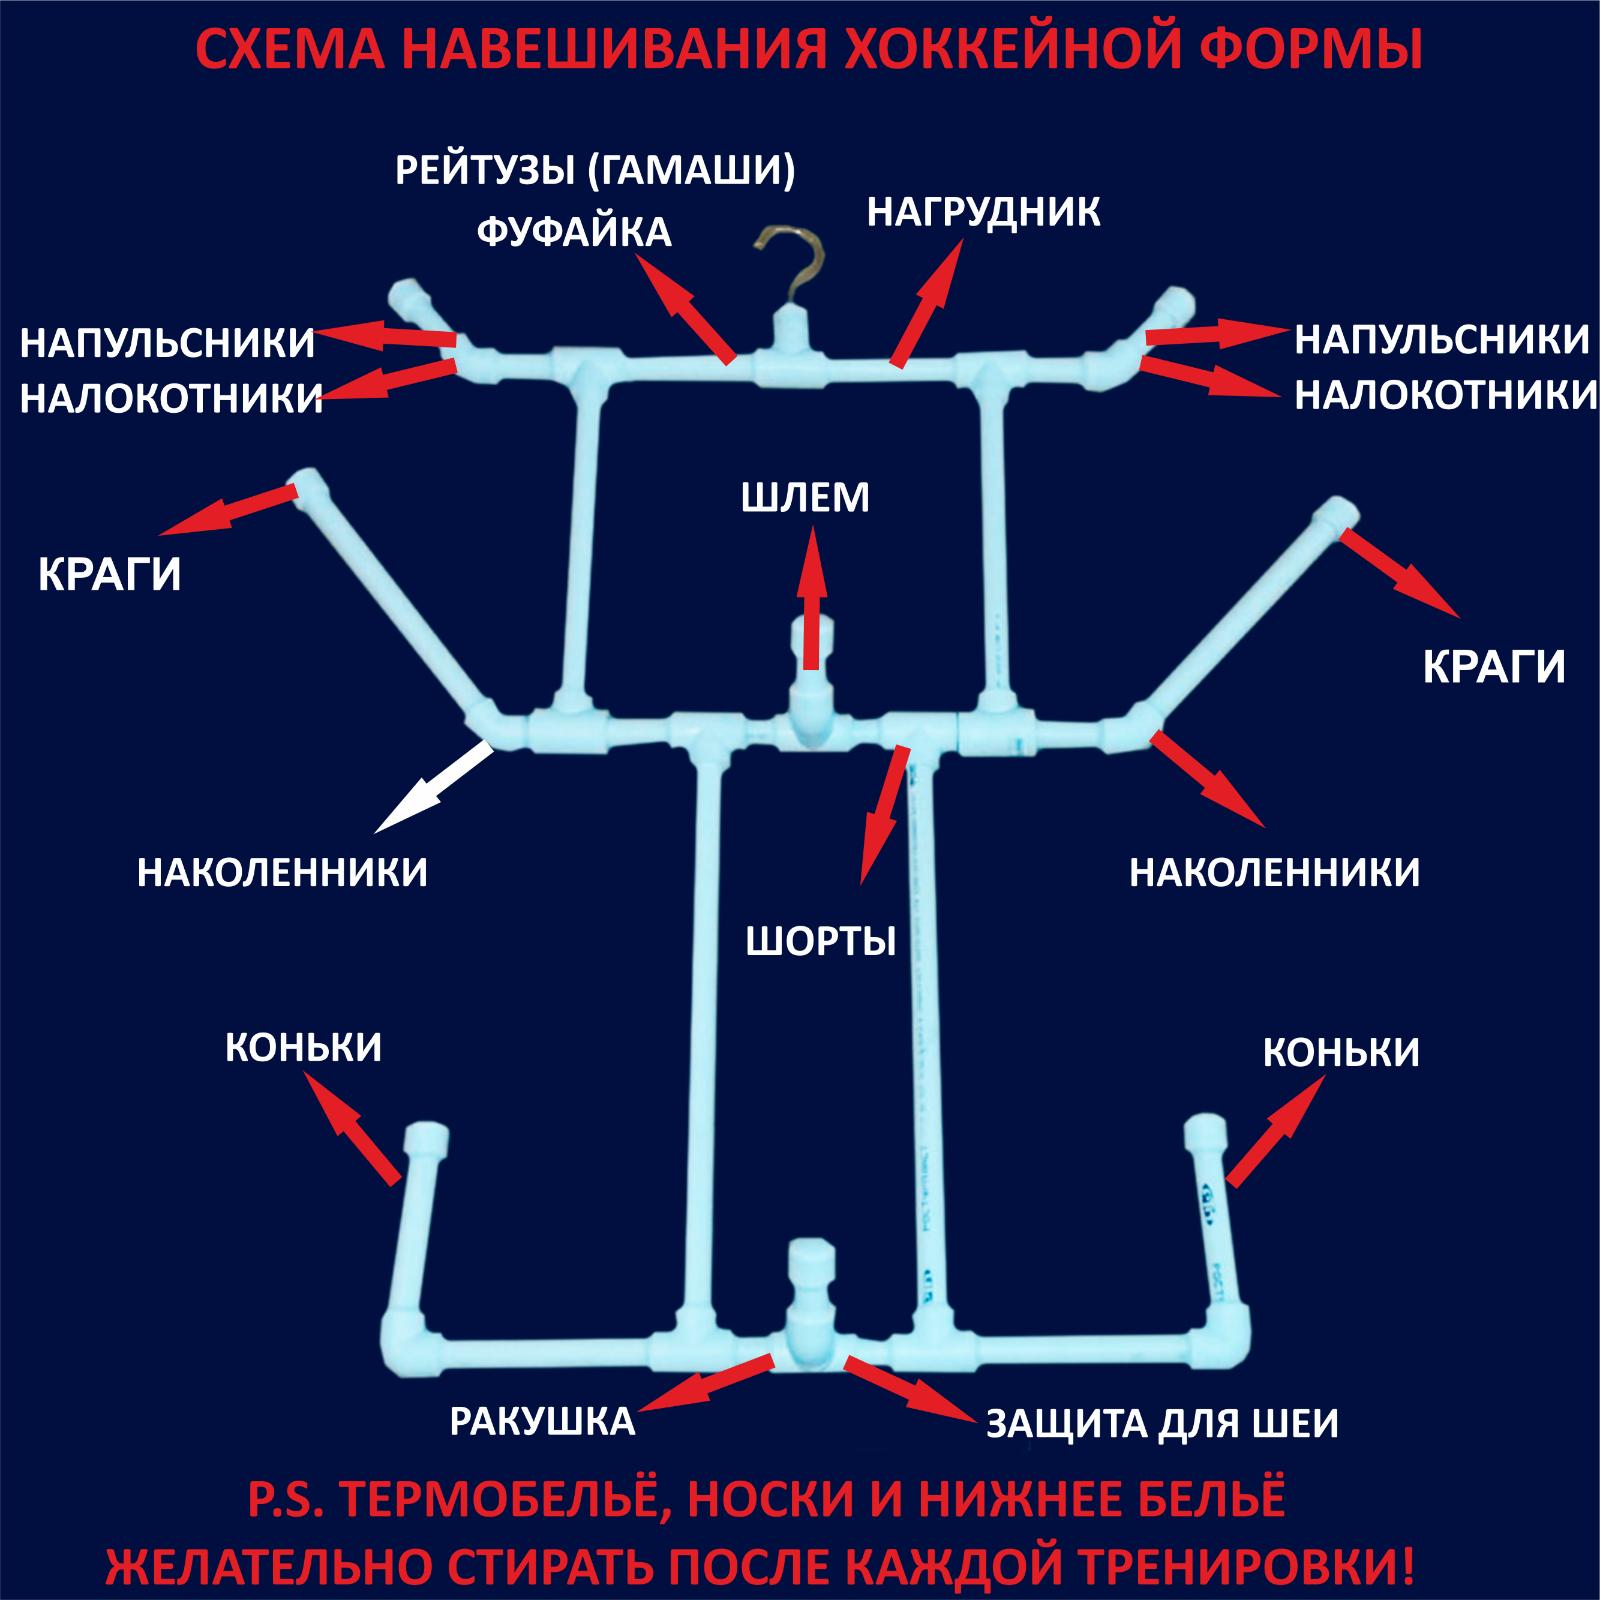 Схема навешивания экипировки на вешалкуGermanHokk